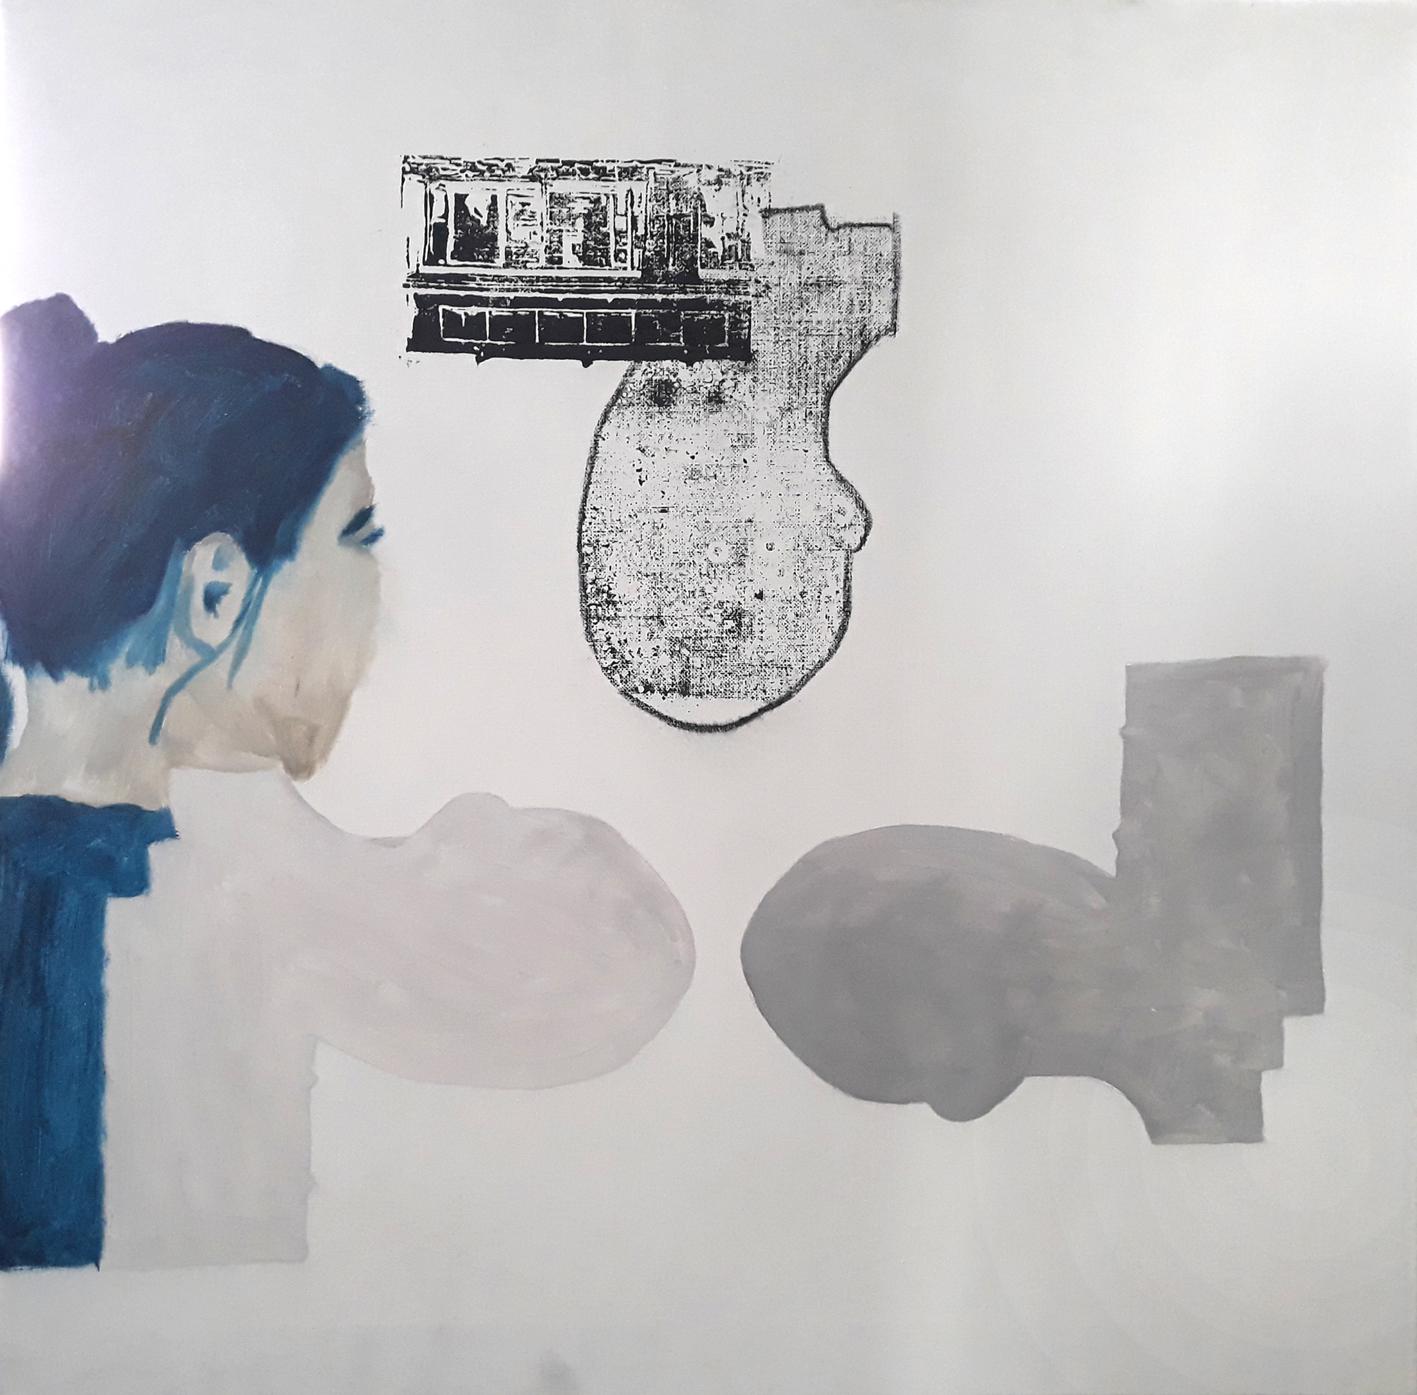 als dritte: Eva Hradil mit Öl